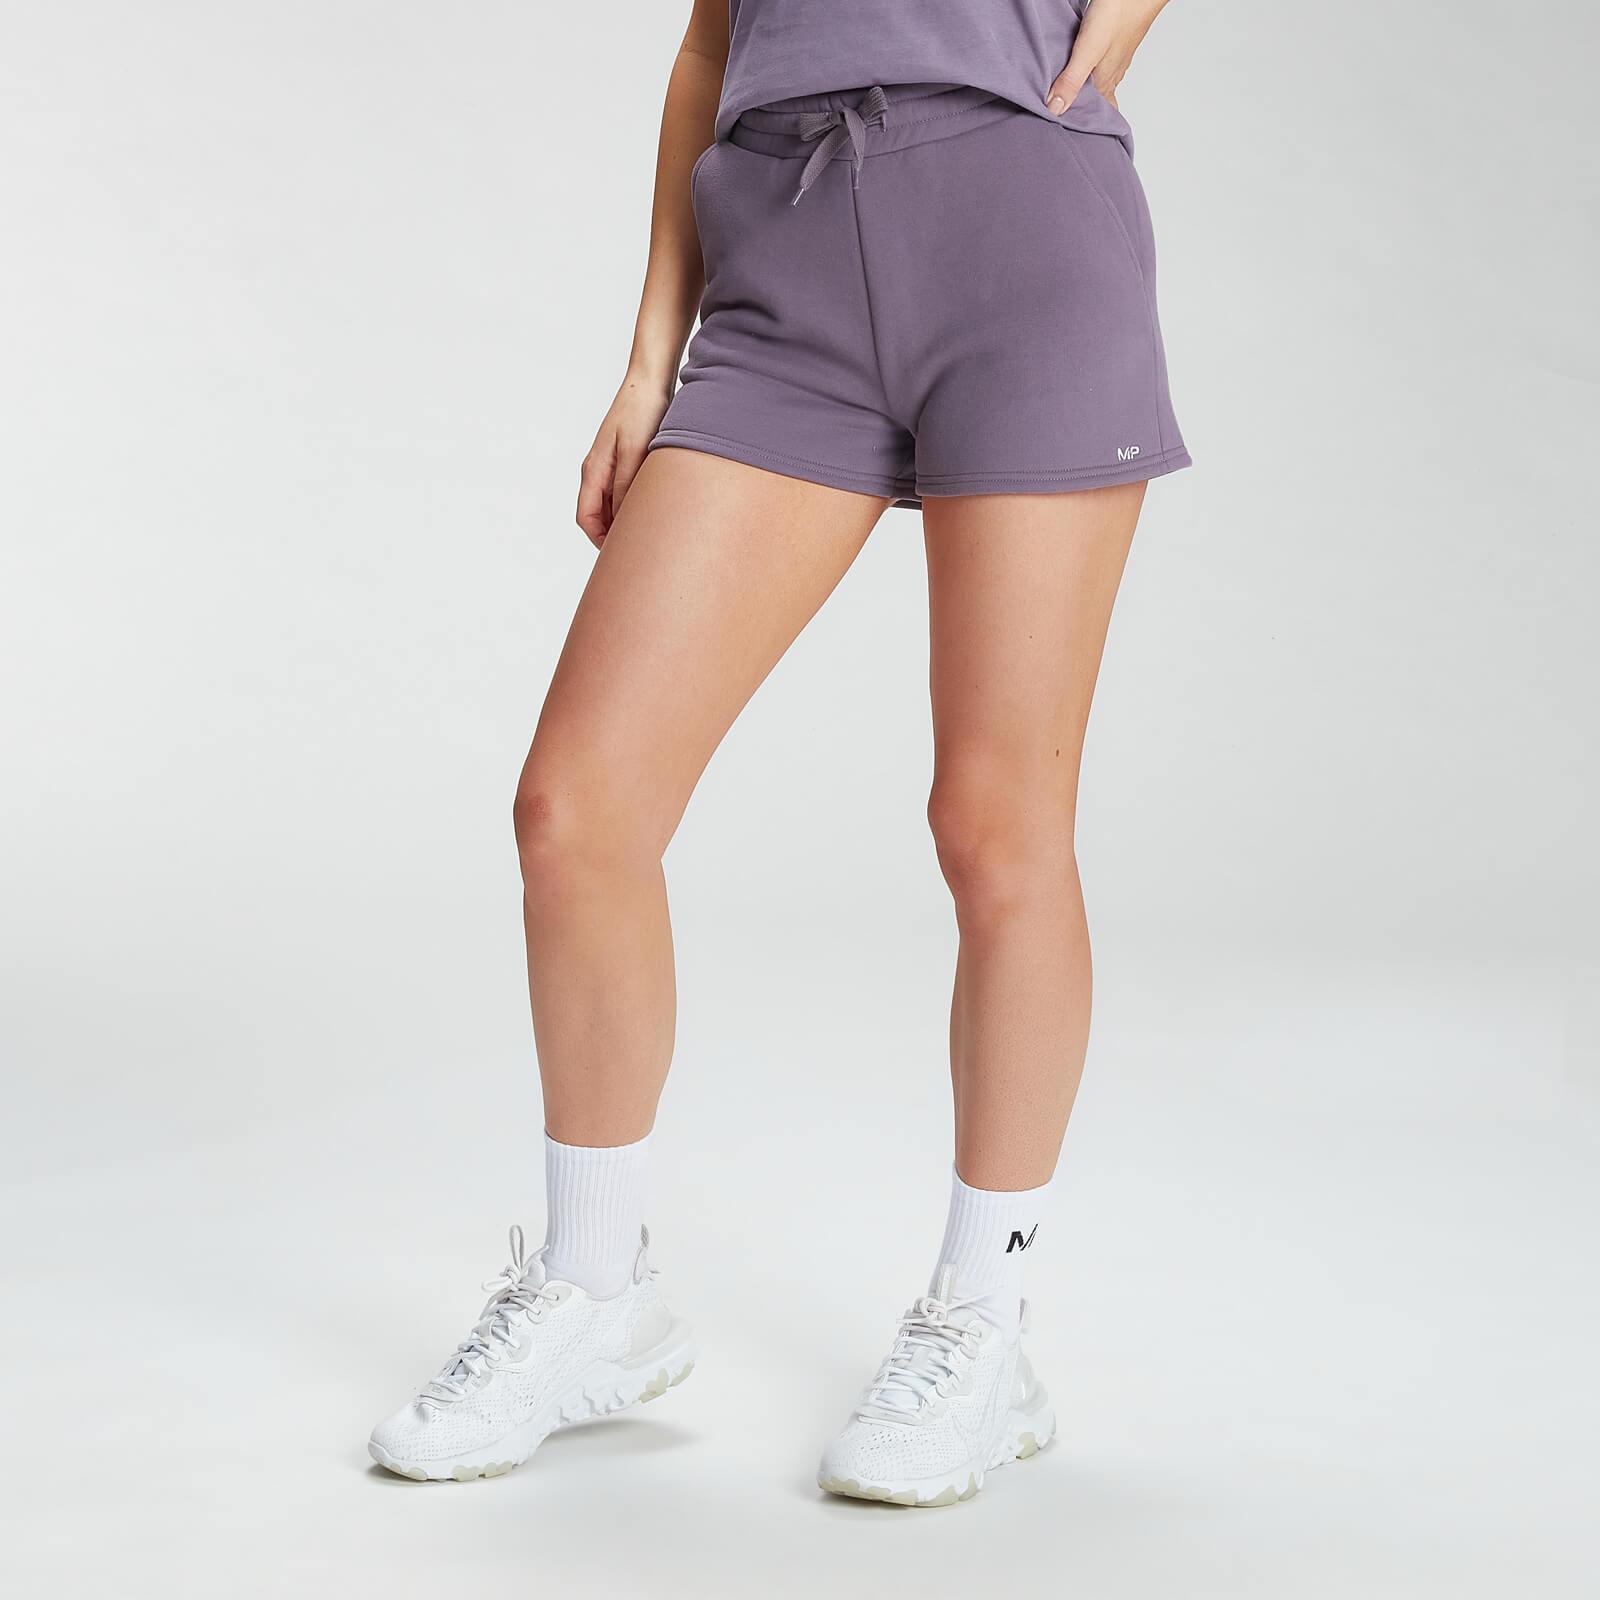 Купить MP Women's Essentials Lounge Shorts - Smokey Purple - XXL, Myprotein International